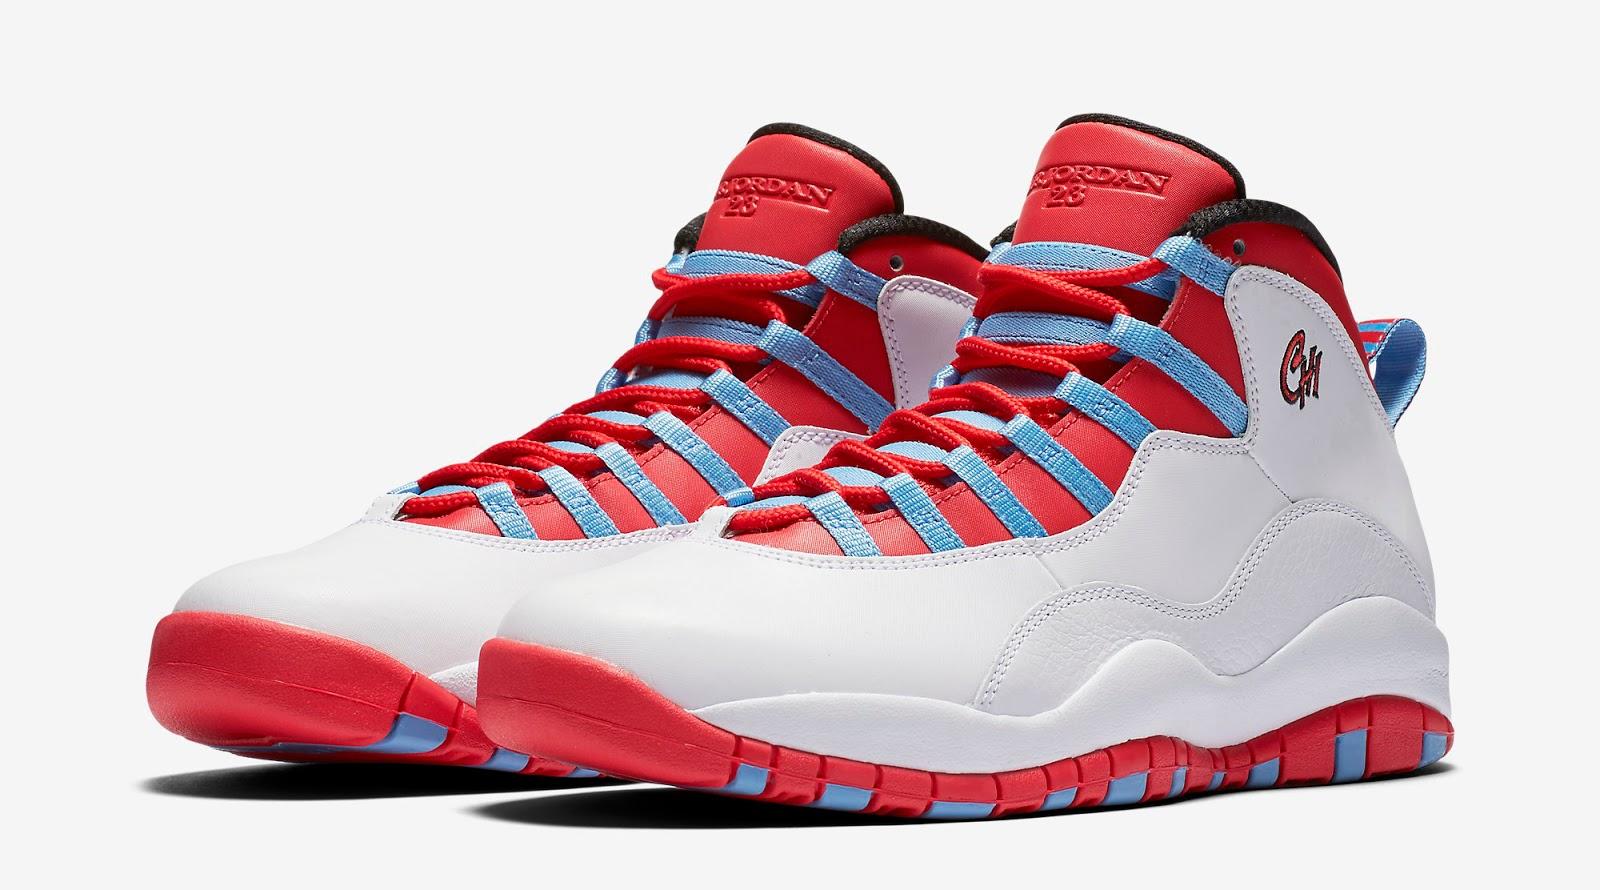 Nike Air Jordan 10 Retro White/University Blue/Black/Light Crimson Mens Shoes